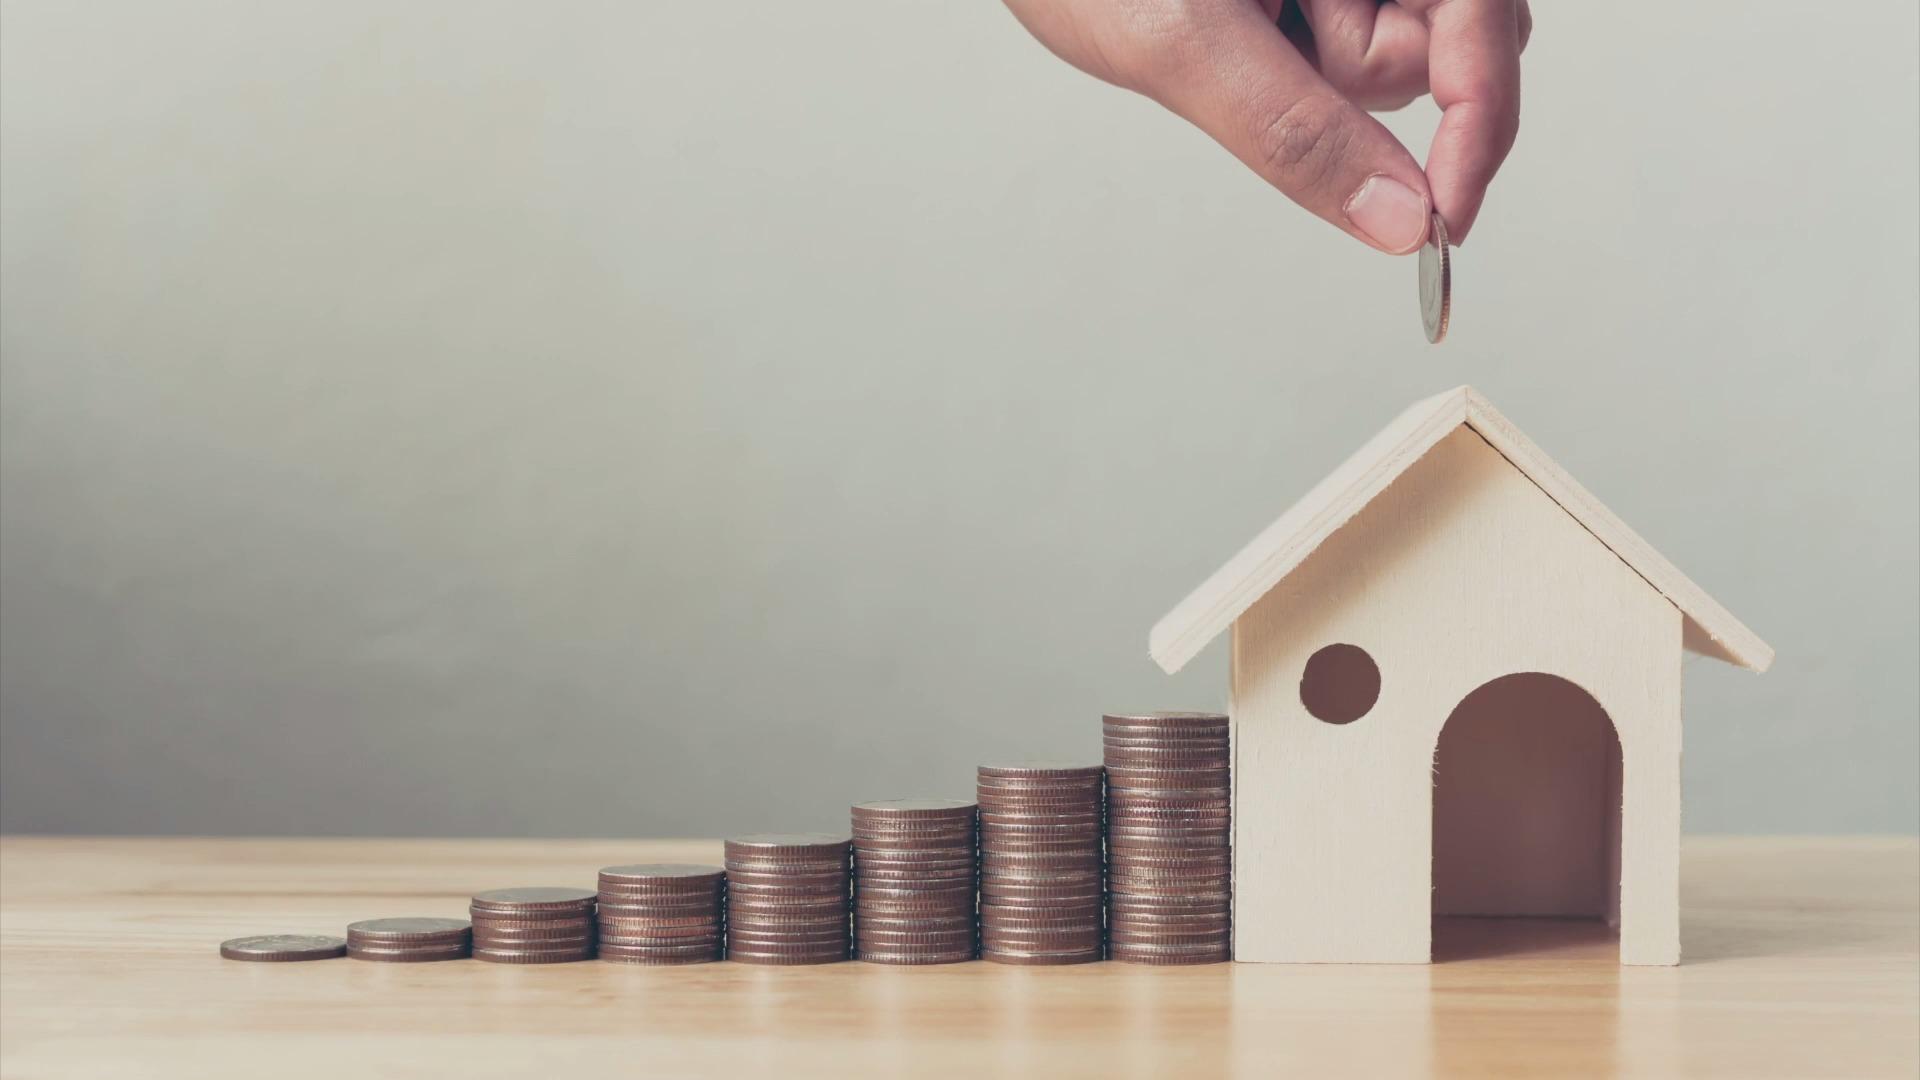 Čech, Slovák a Němec se baví ohypotékách… a Čech zjistí, že zaplatí čtyřikrát víc než sousedé